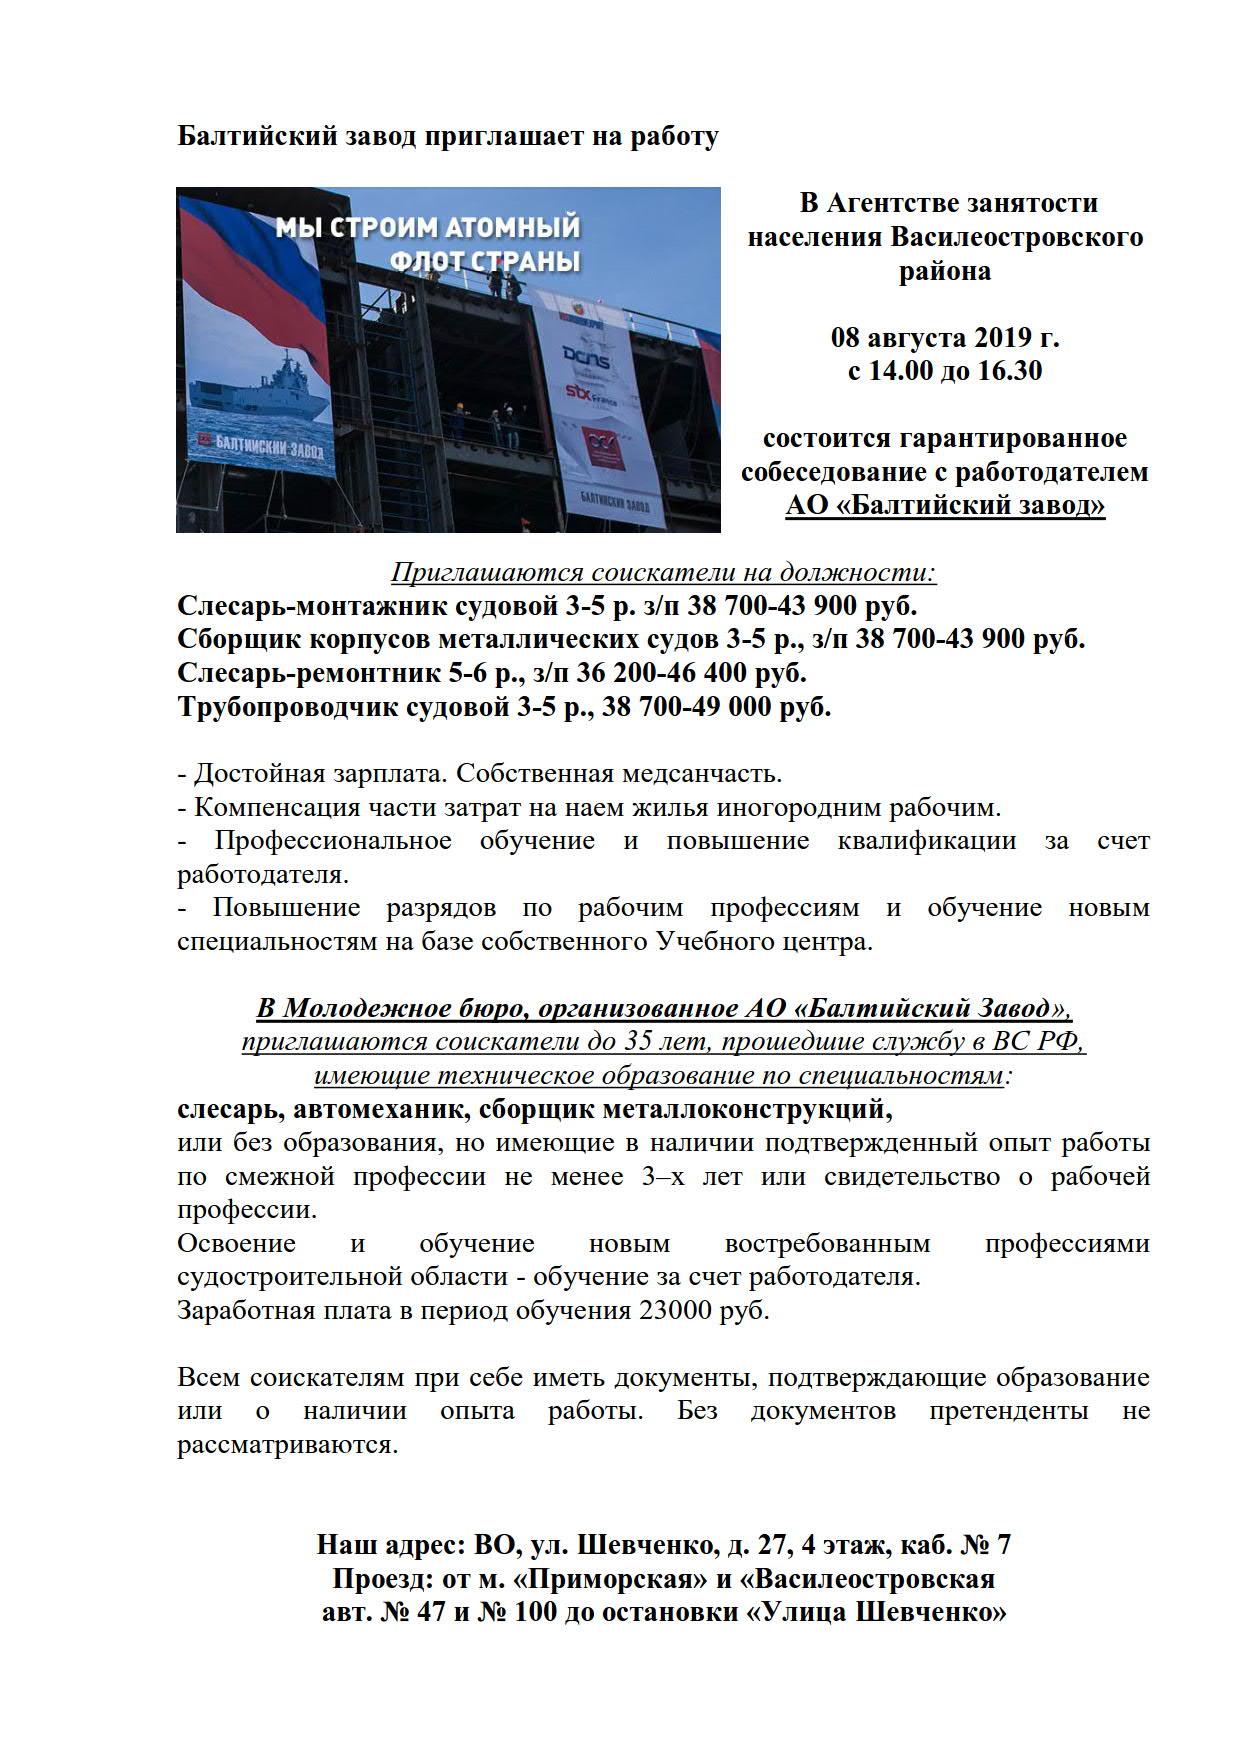 Анонс -Балтийский завод приглашает на работу_1